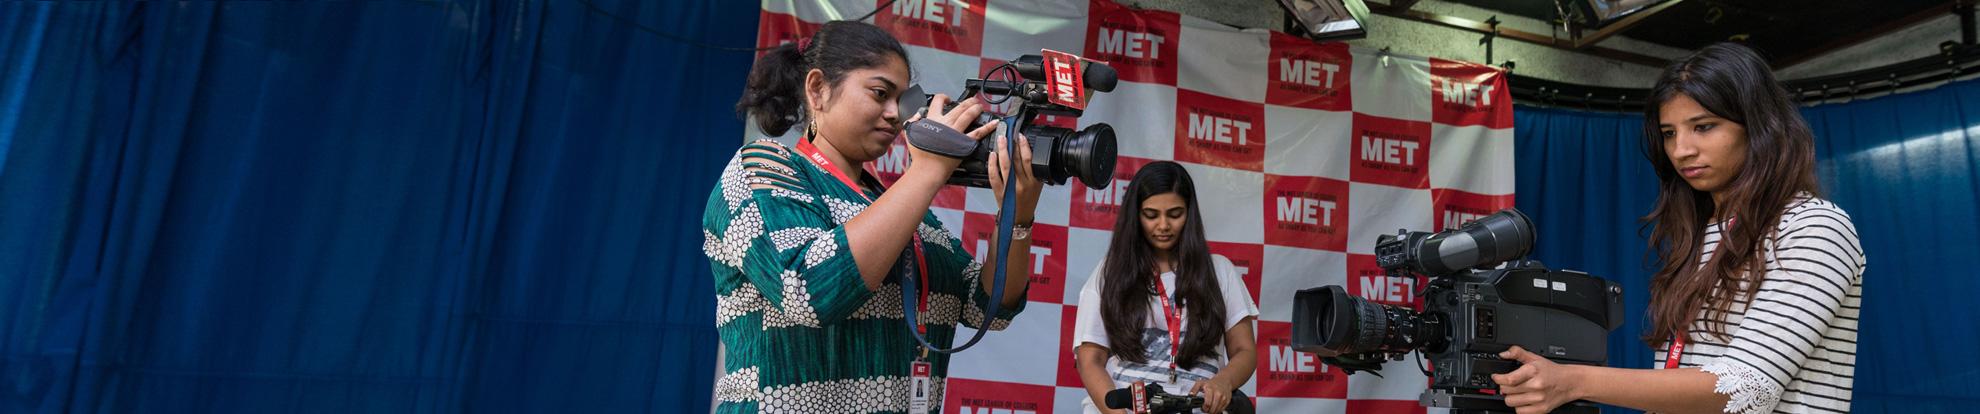 Institute of Mass Media